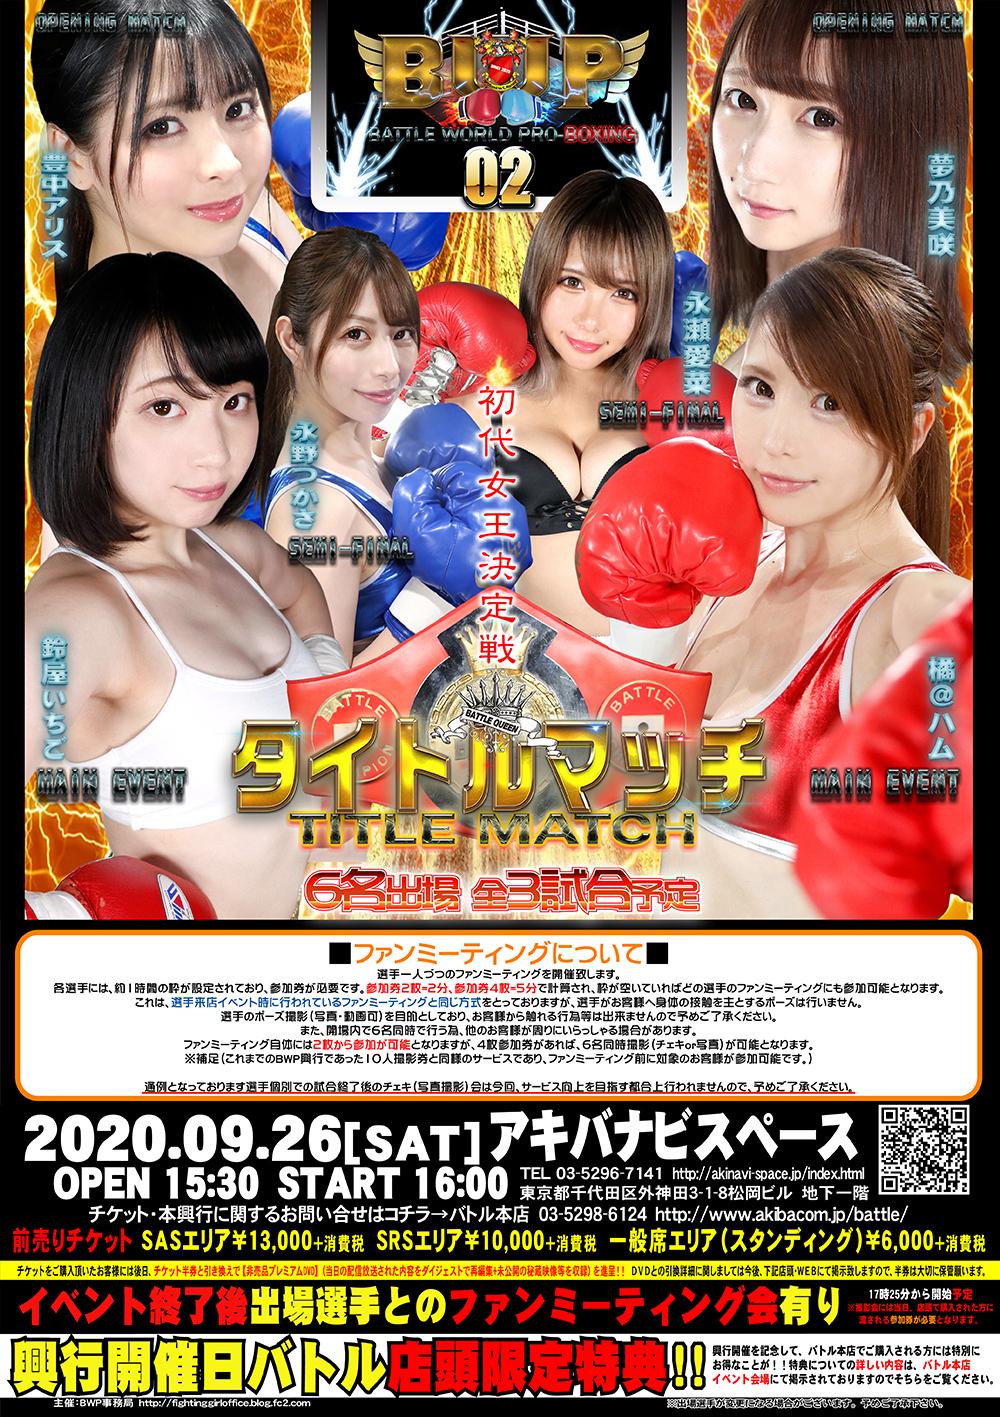 BWPボクシング興行02_宣伝ポスター_web